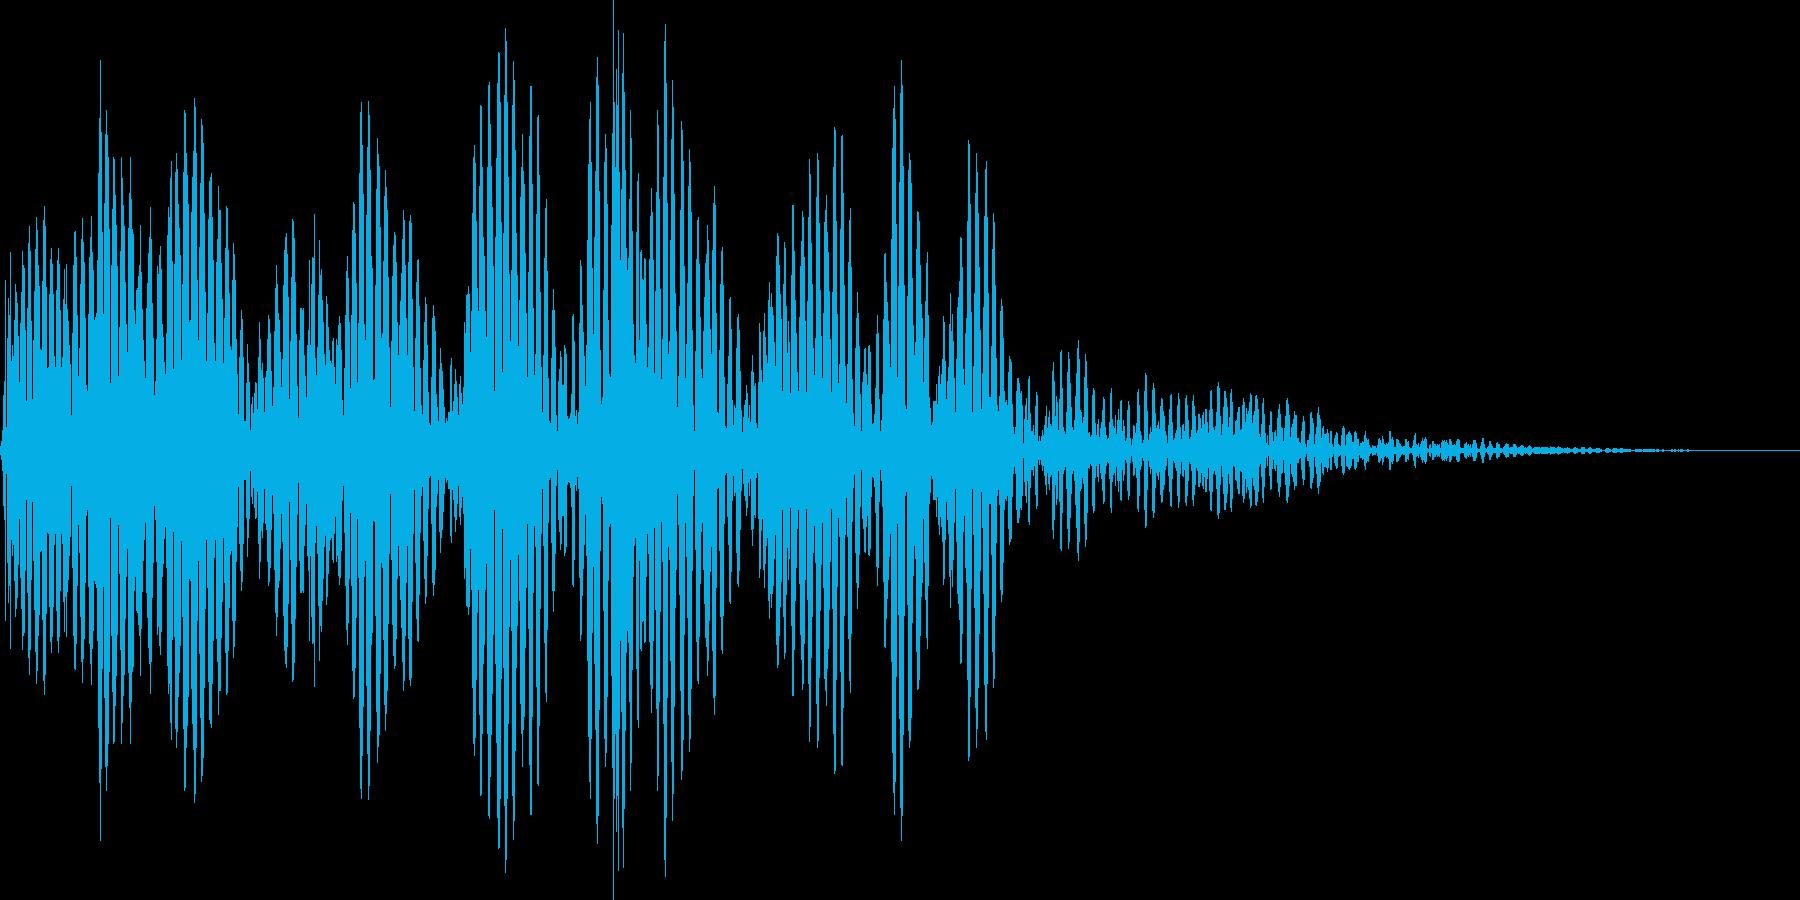 筐体が揺れるような衝撃音の再生済みの波形